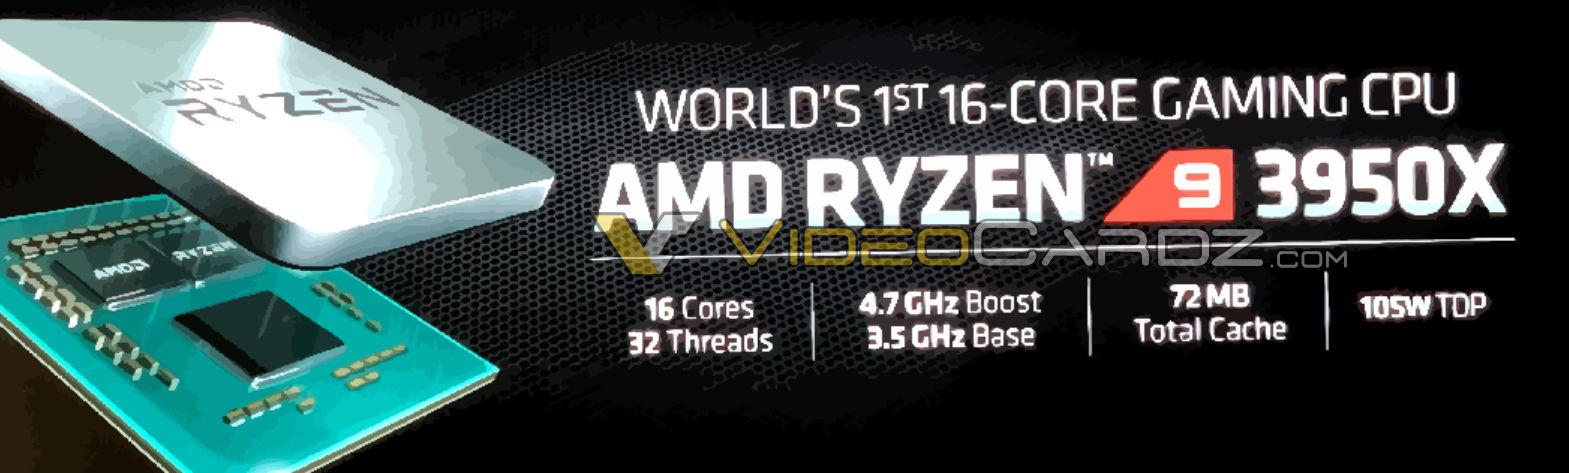 AMD Ryzen 9 3950X E3 2019 Leak